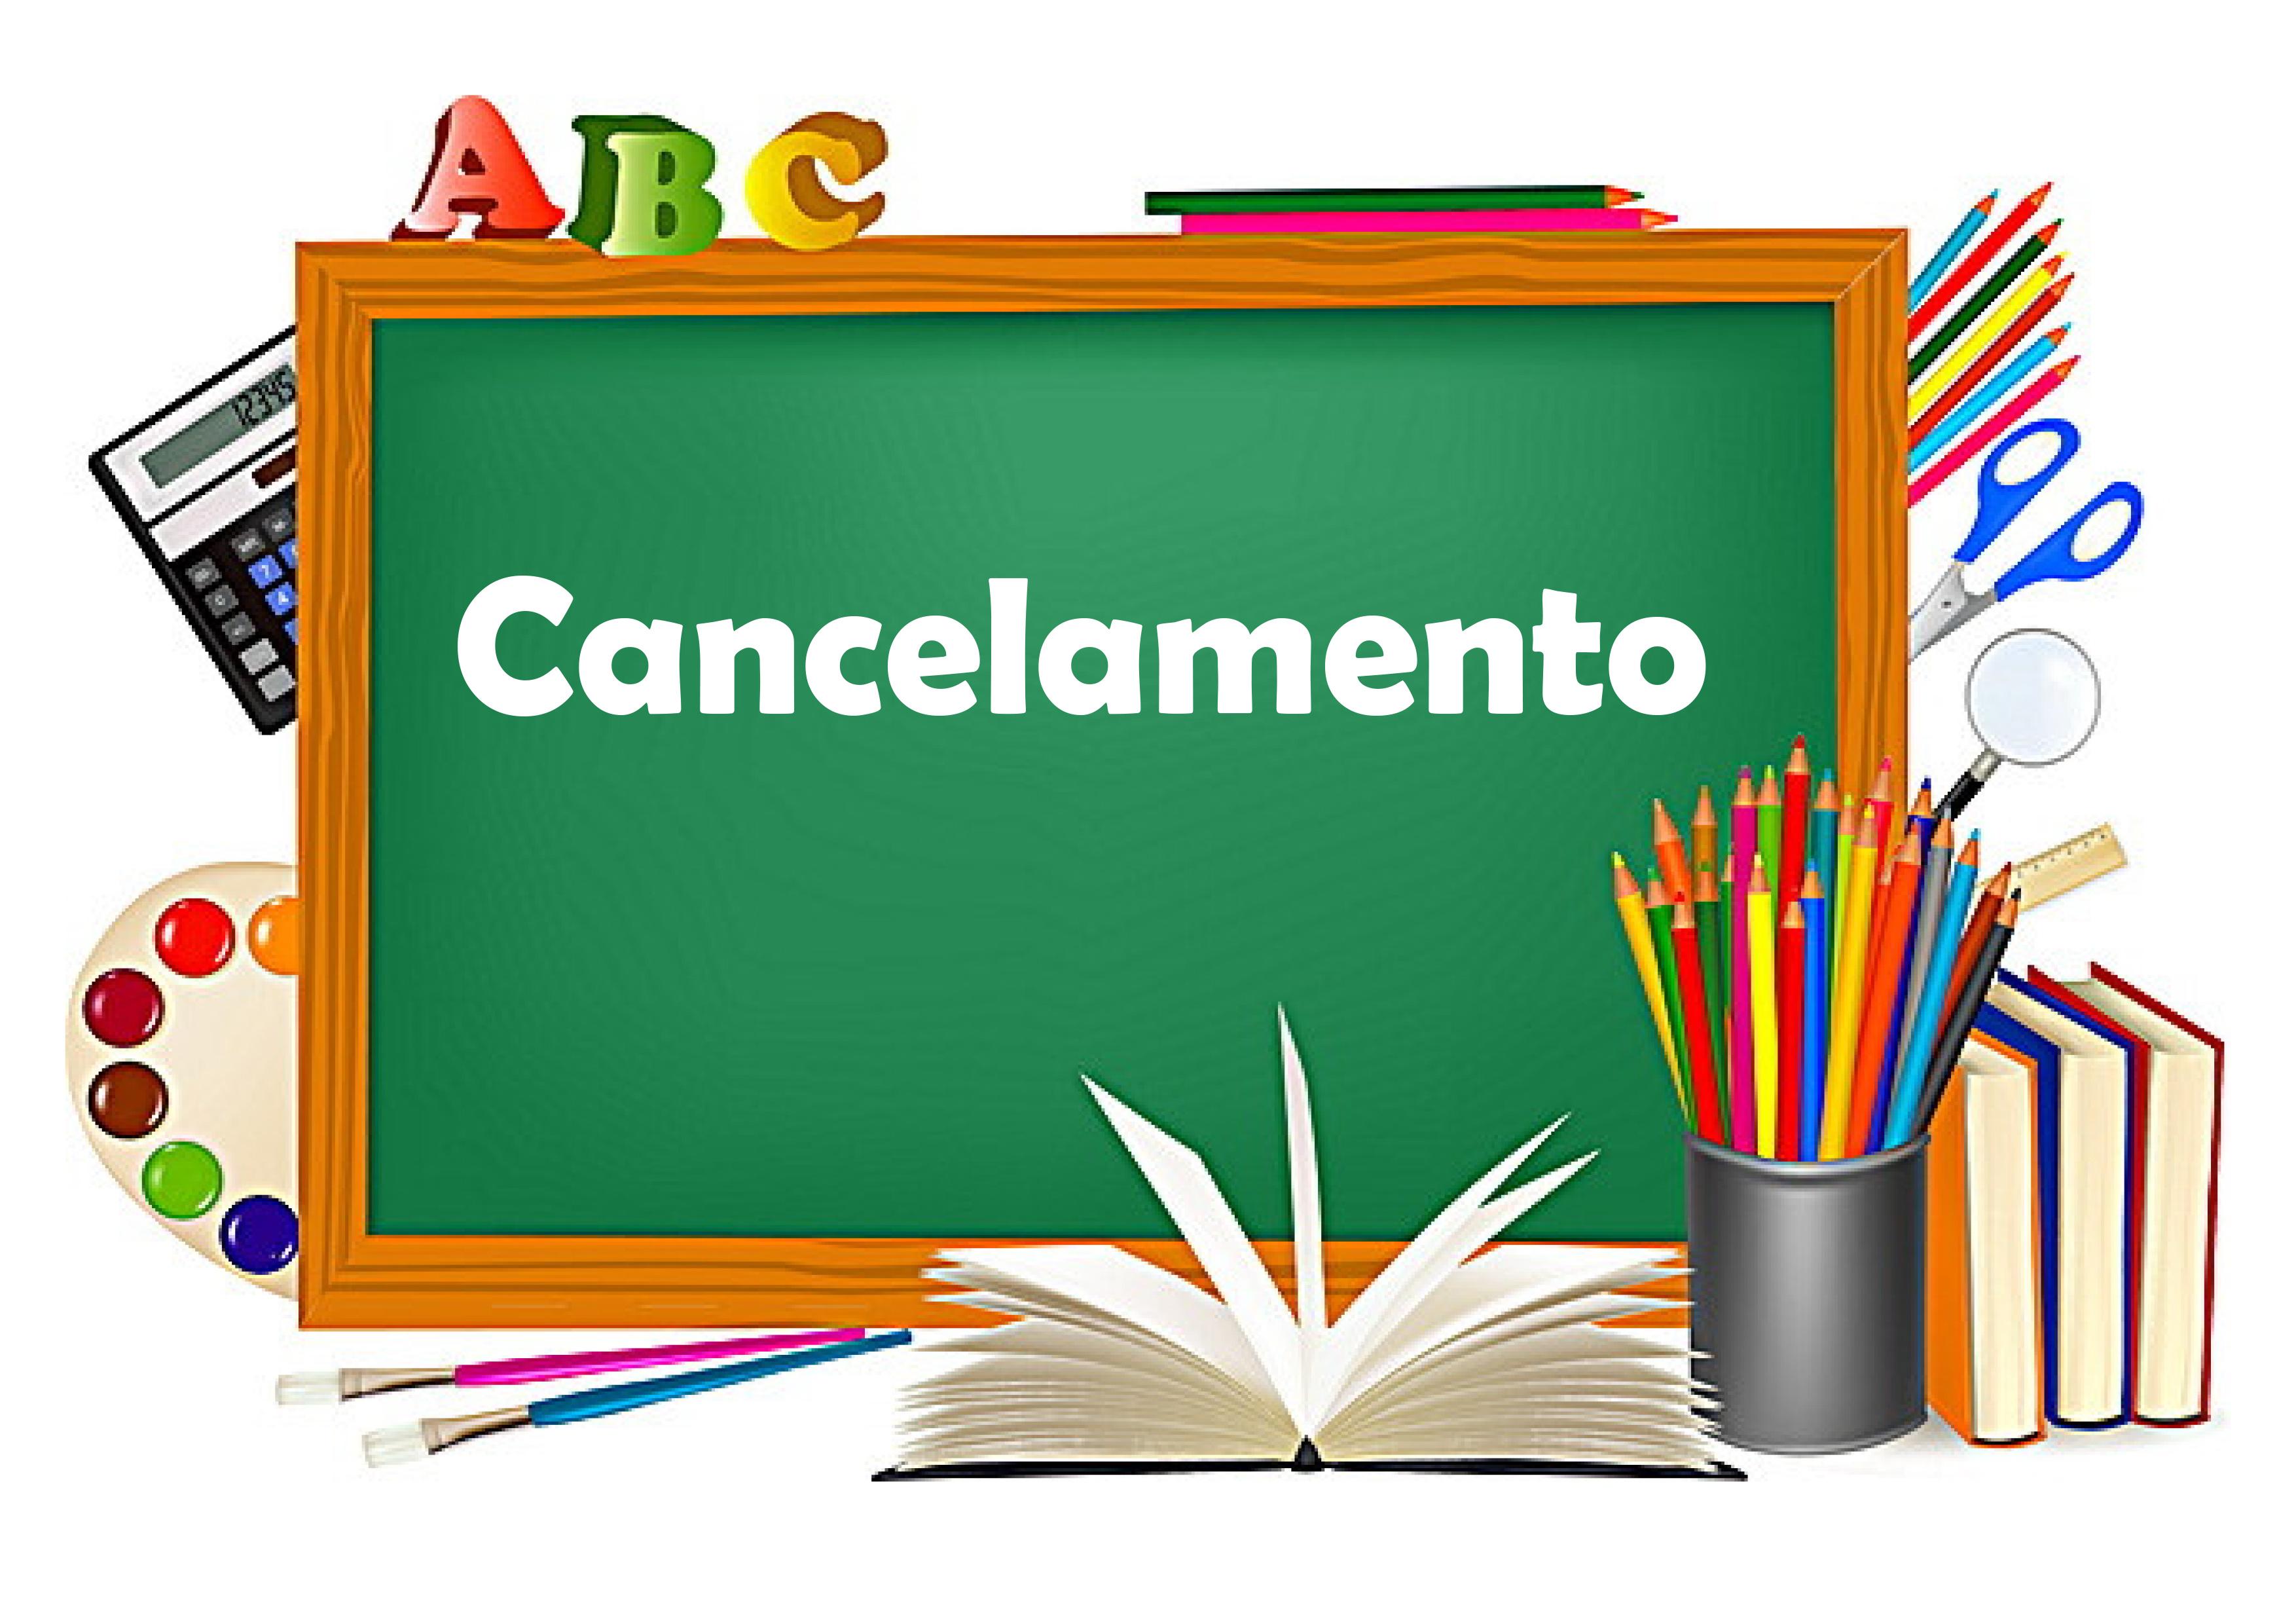 Imagem de lousa com palavra Cancelamento escrita, possui link para página de cancelamento